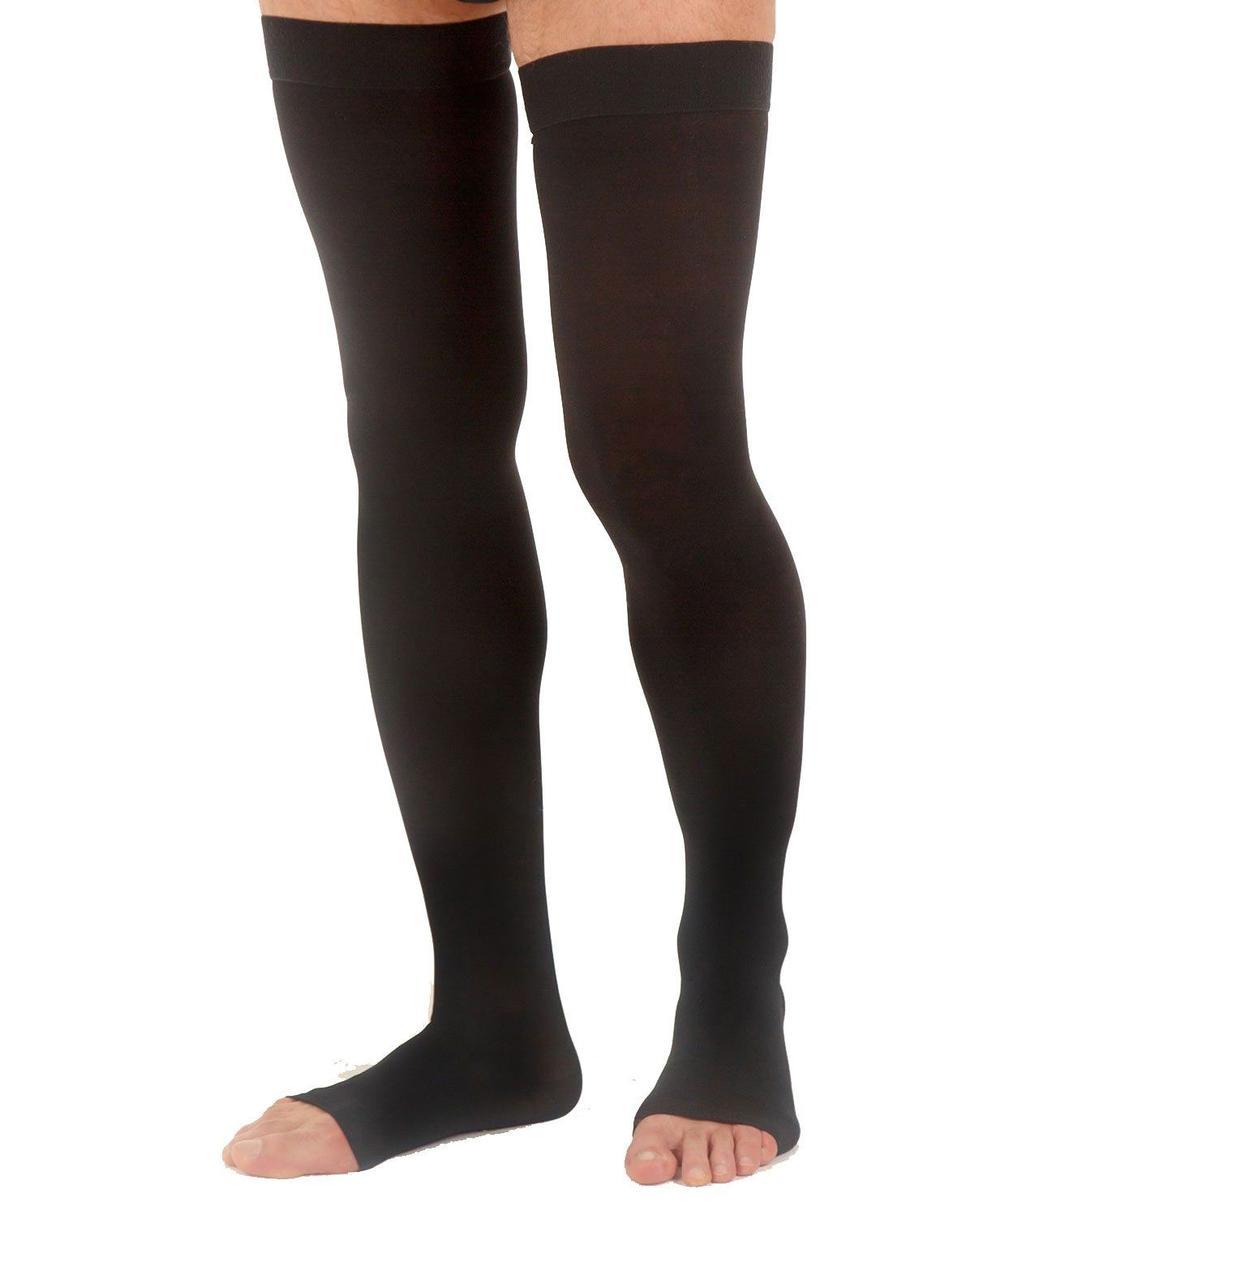 Чулки для мужчин Venoflex Elegence (20-36 мм.рт.ст.) удлиненные с открытым носком, цвет черный, размер 1